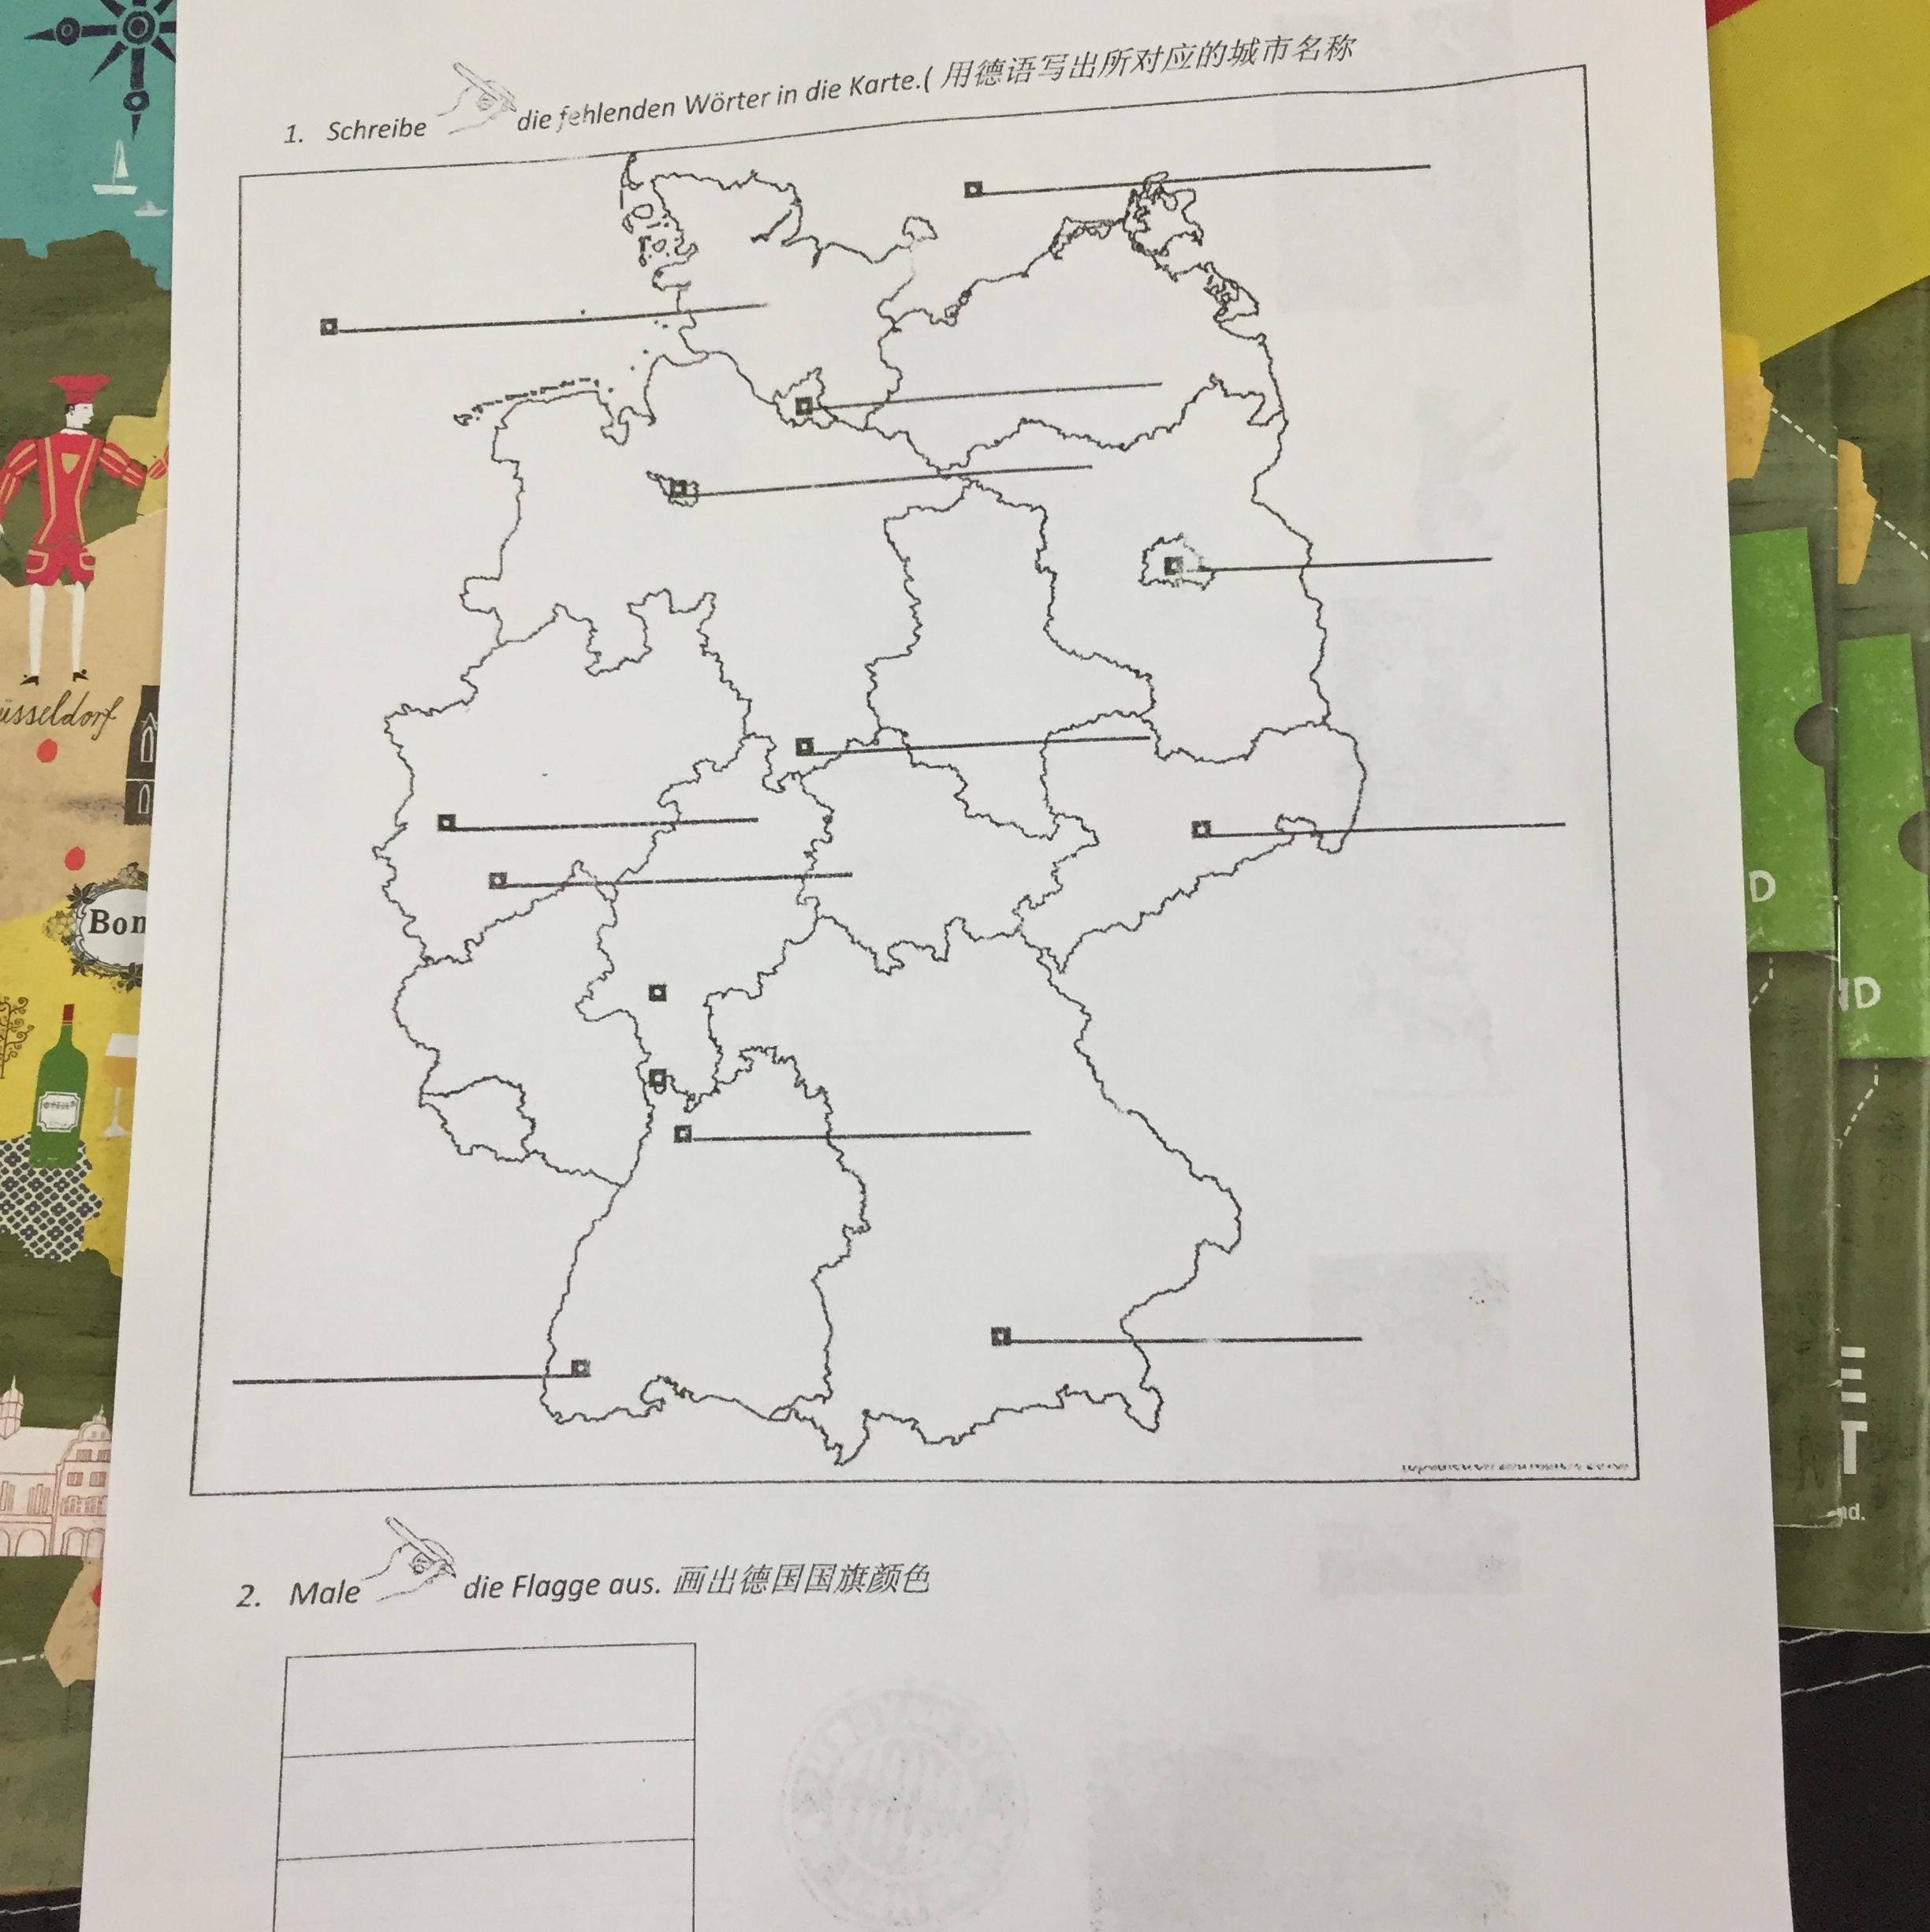 Deutschland Rallye – Stumme Karte – studieren weltweit